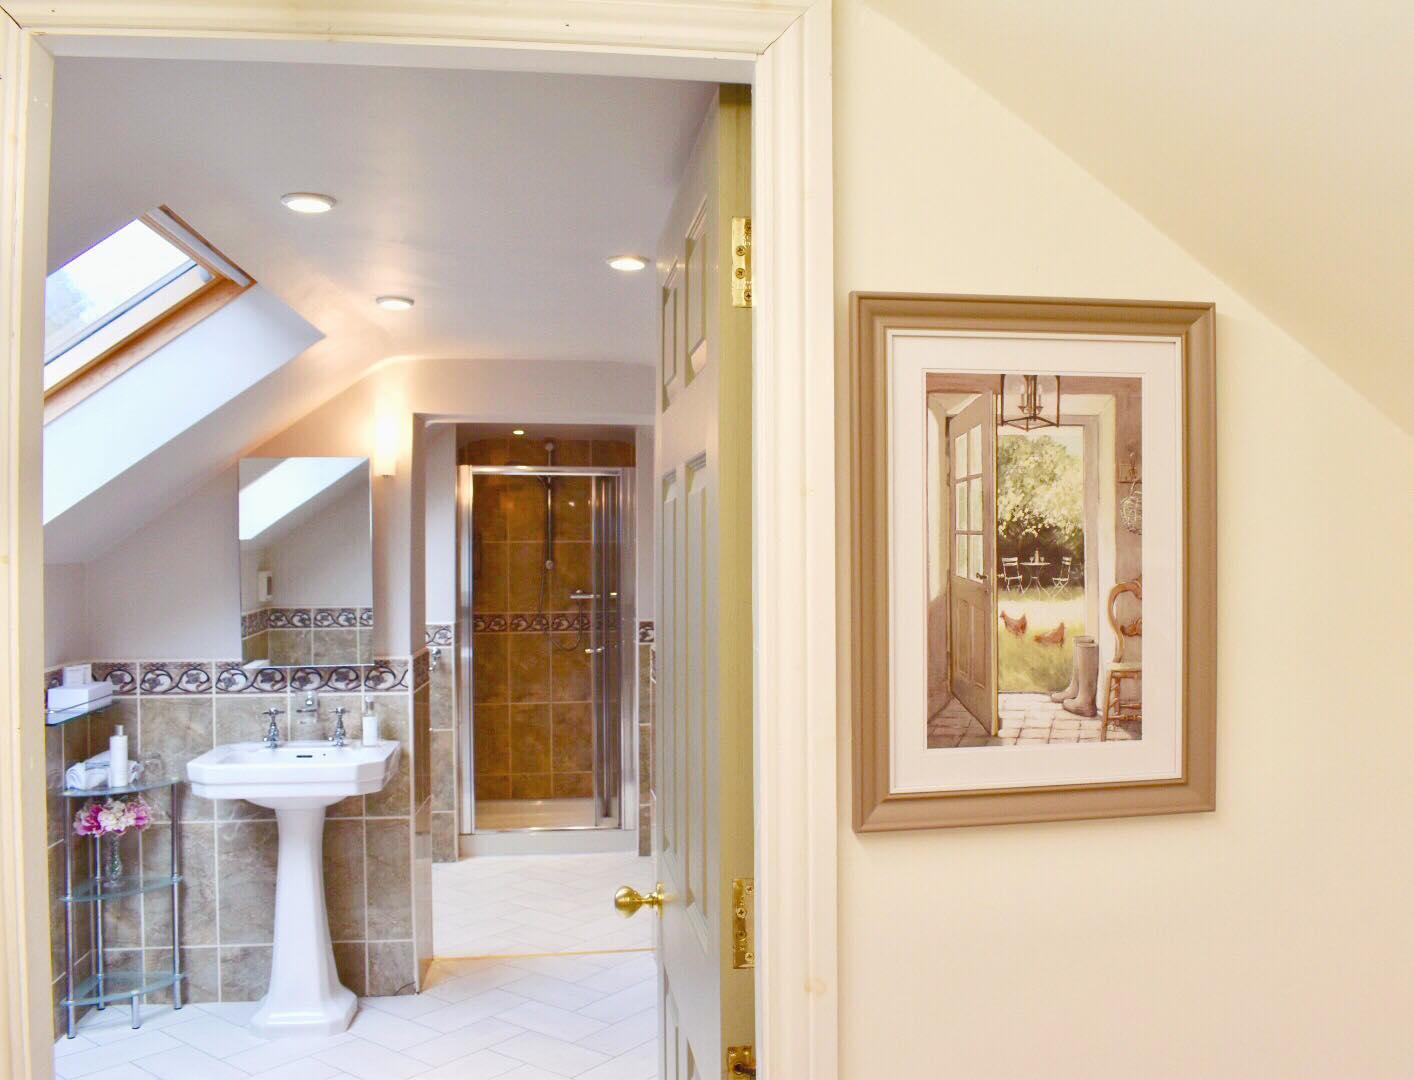 king Double & Twin bedroom with En-suite Shower & Bathroom Room (inc. Breakfast)